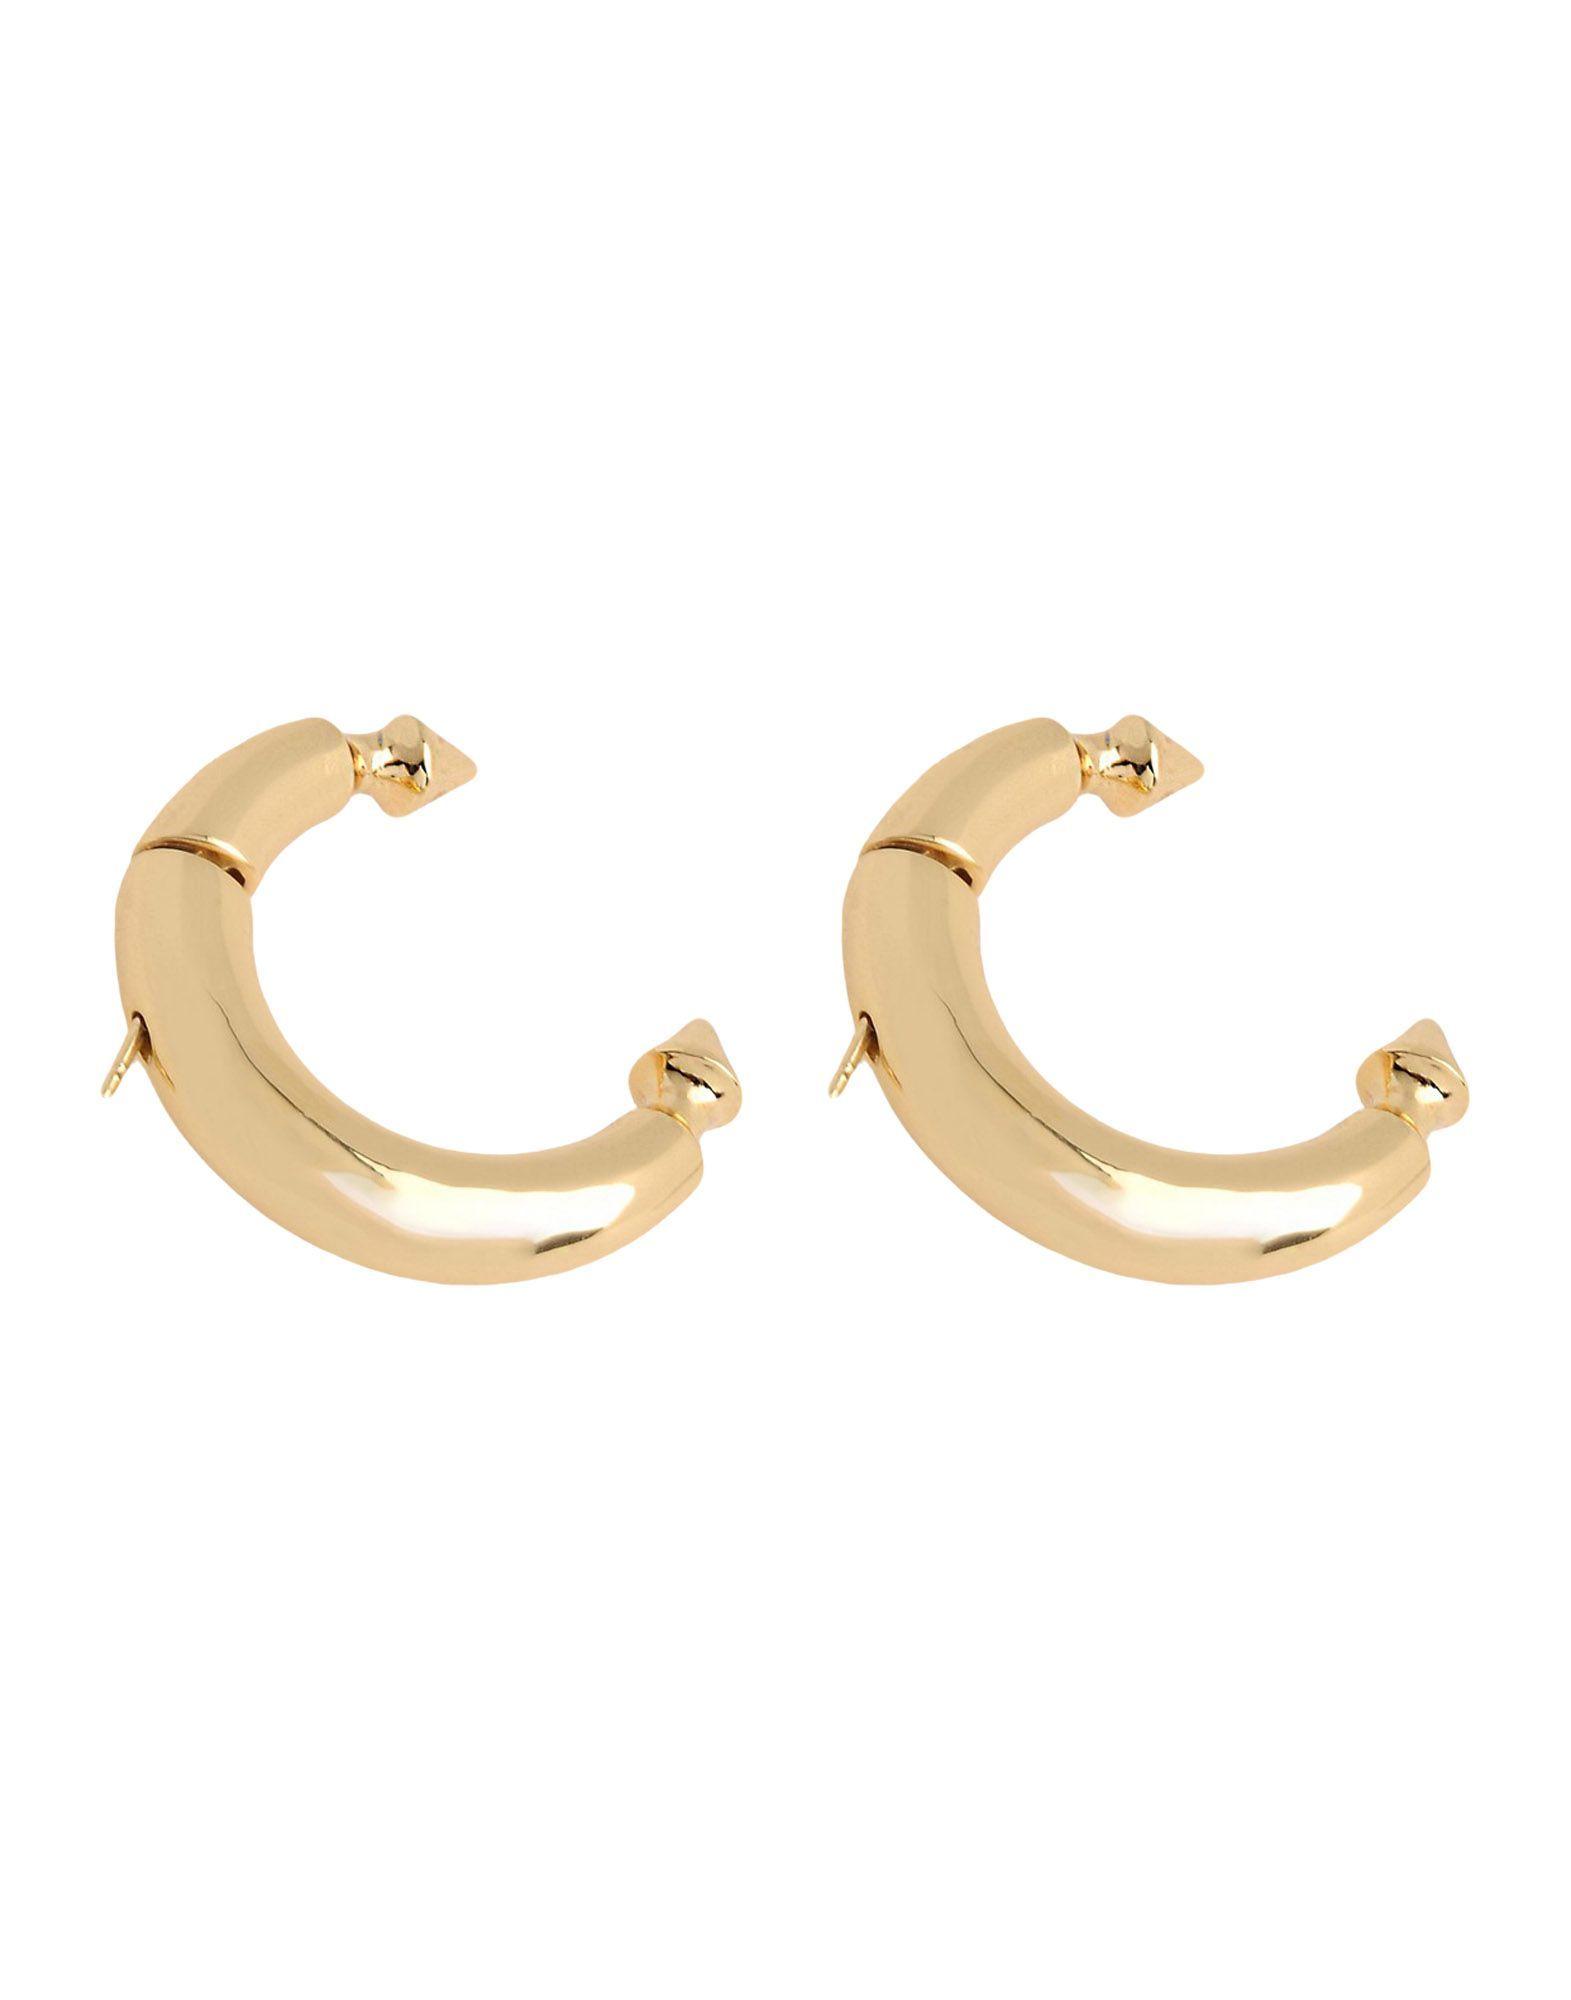 Noir Jewelry Gold Tone Earrings